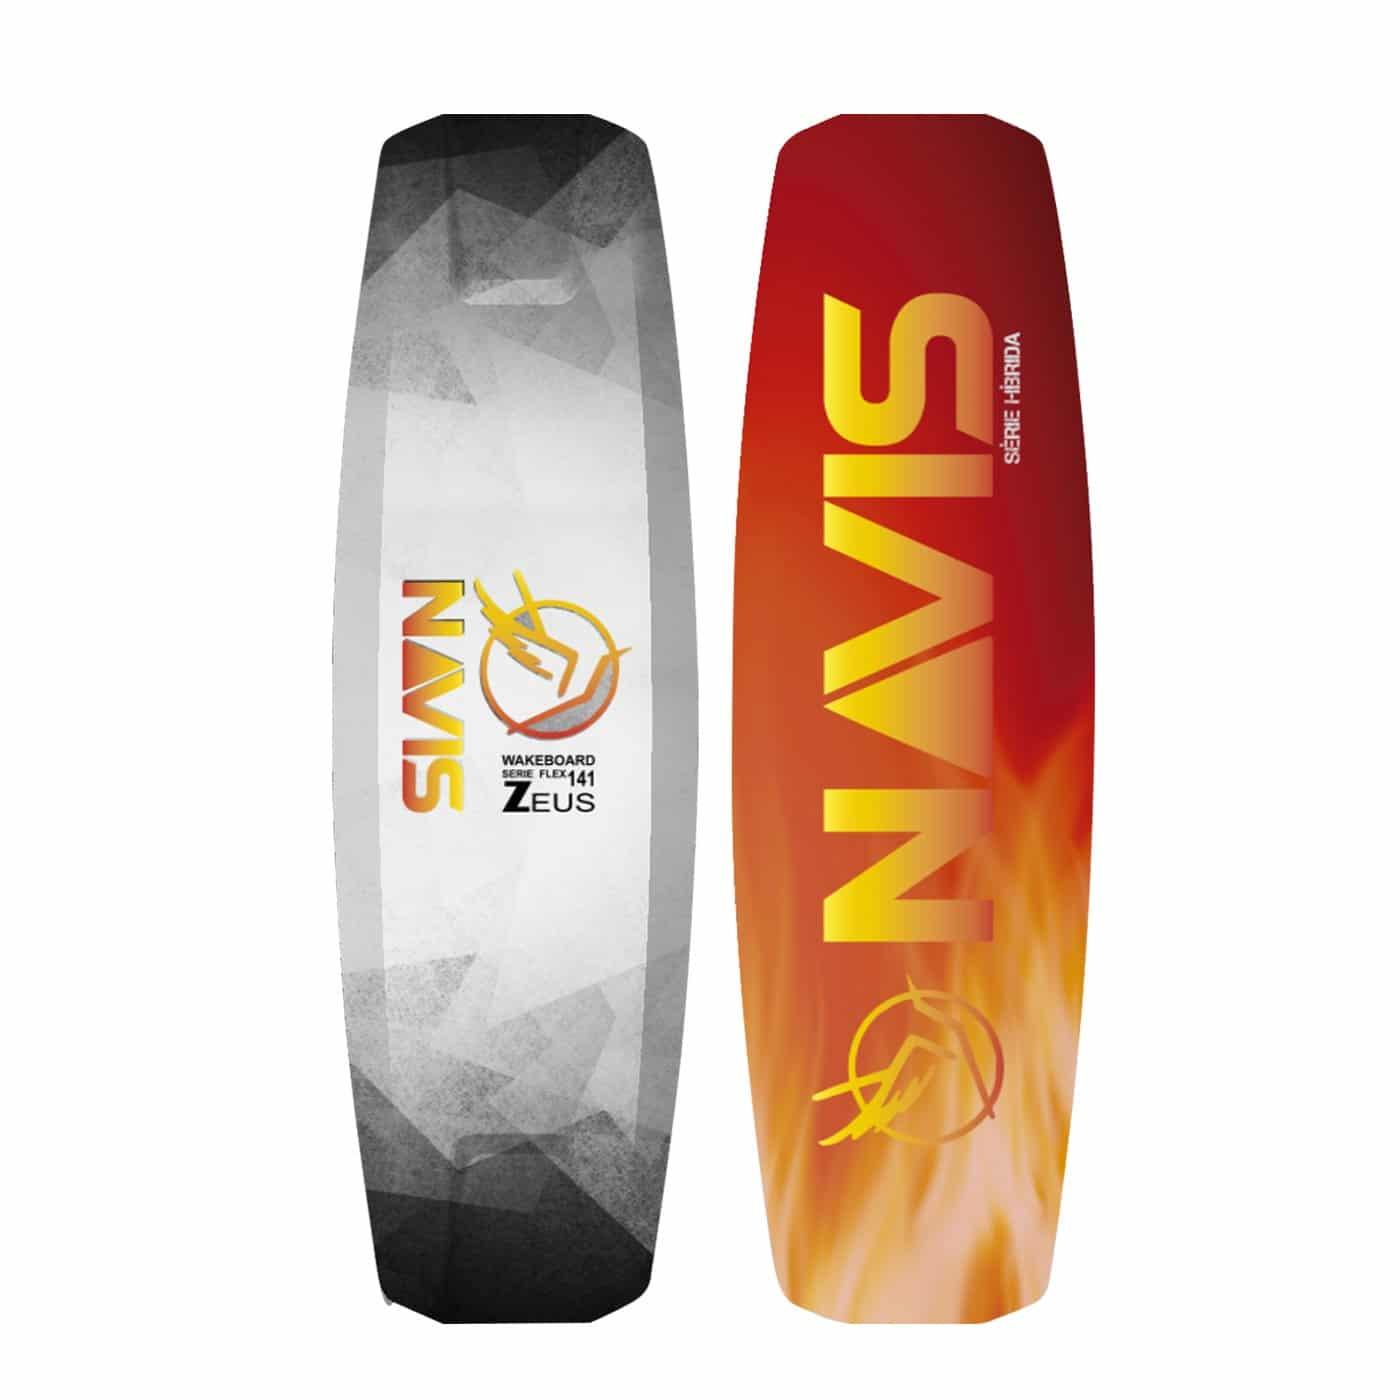 Prancha de Wakeboard Navis - Zeus 141cm